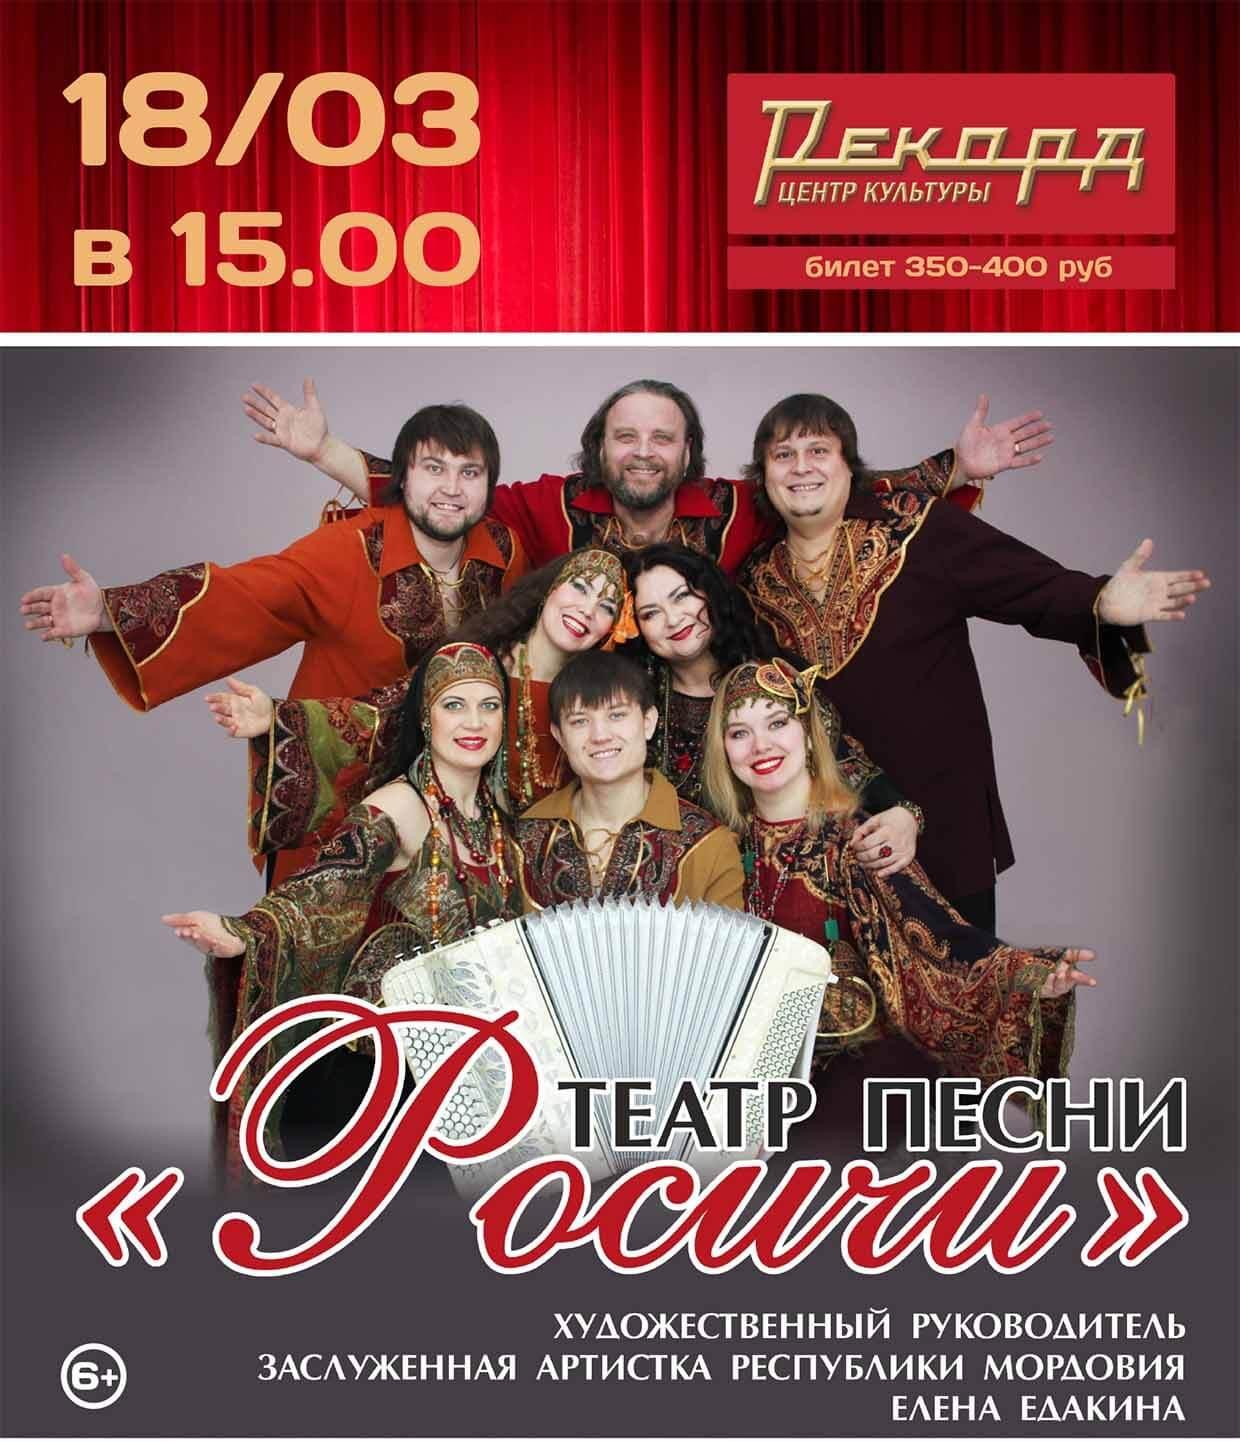 Мордовского государственного театра песни Росичи